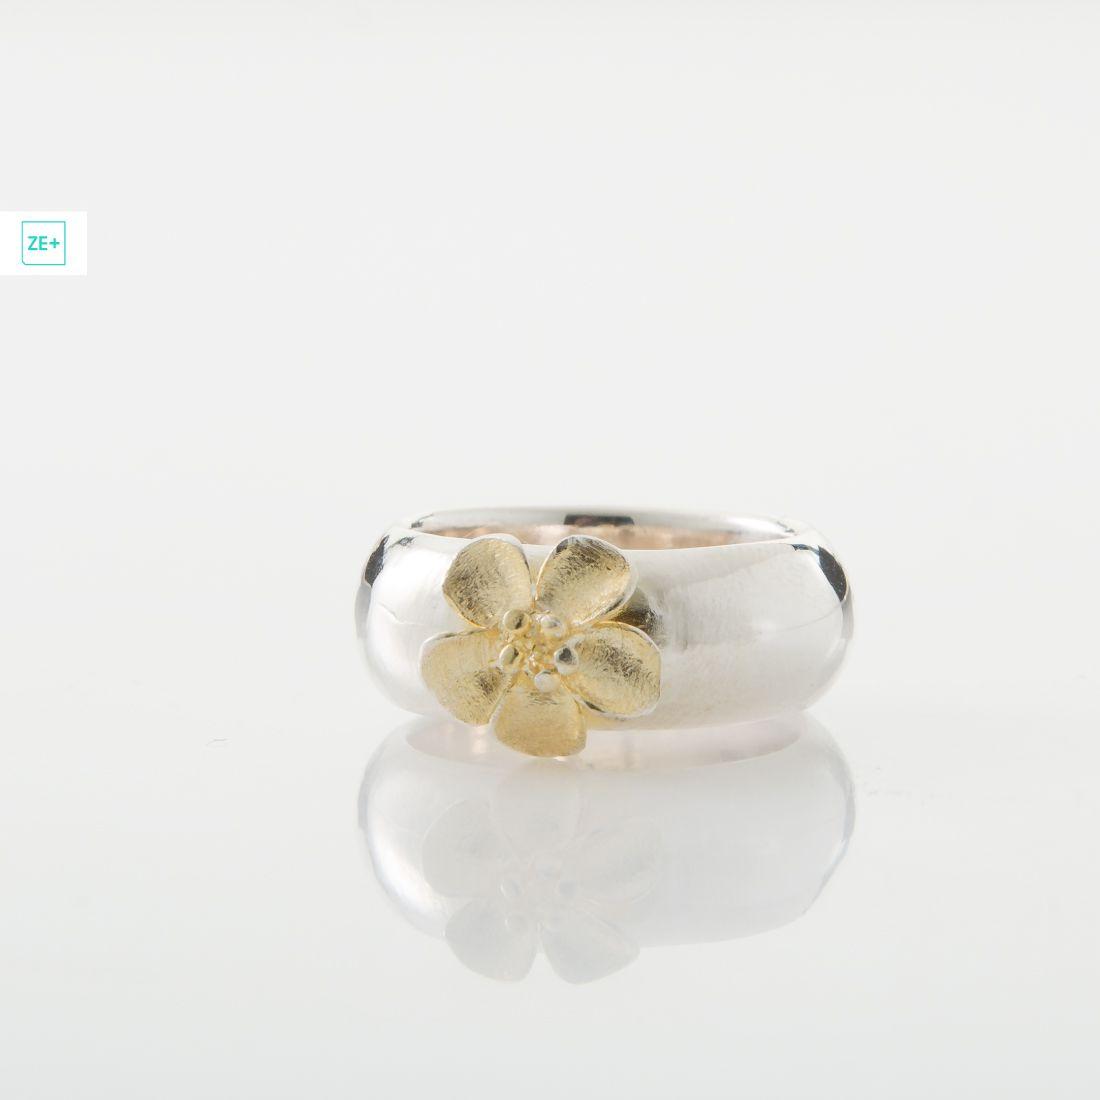 Pilisi len ezüst gyűrű aranyvirággal